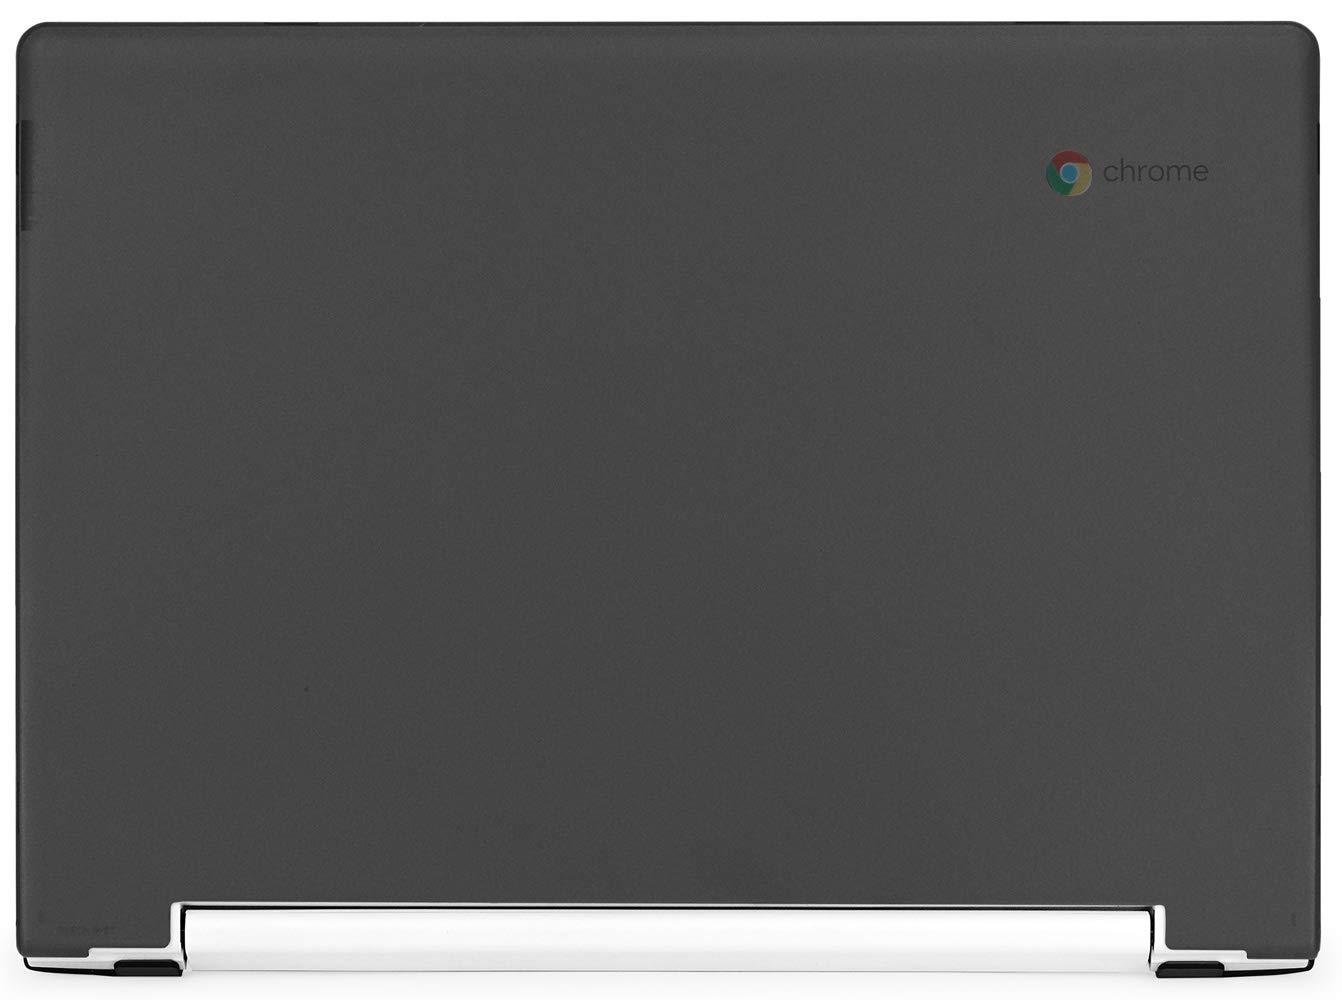 NOT Fitting Lenovo N21 N22 N23 N24 100E 300E 500E Flex 11 Yoga 11e Chromebook mCover Hard Shell Case for Late-2018 11.6 Lenovo C330 Series Chromebook Laptop LEN-C330 Black